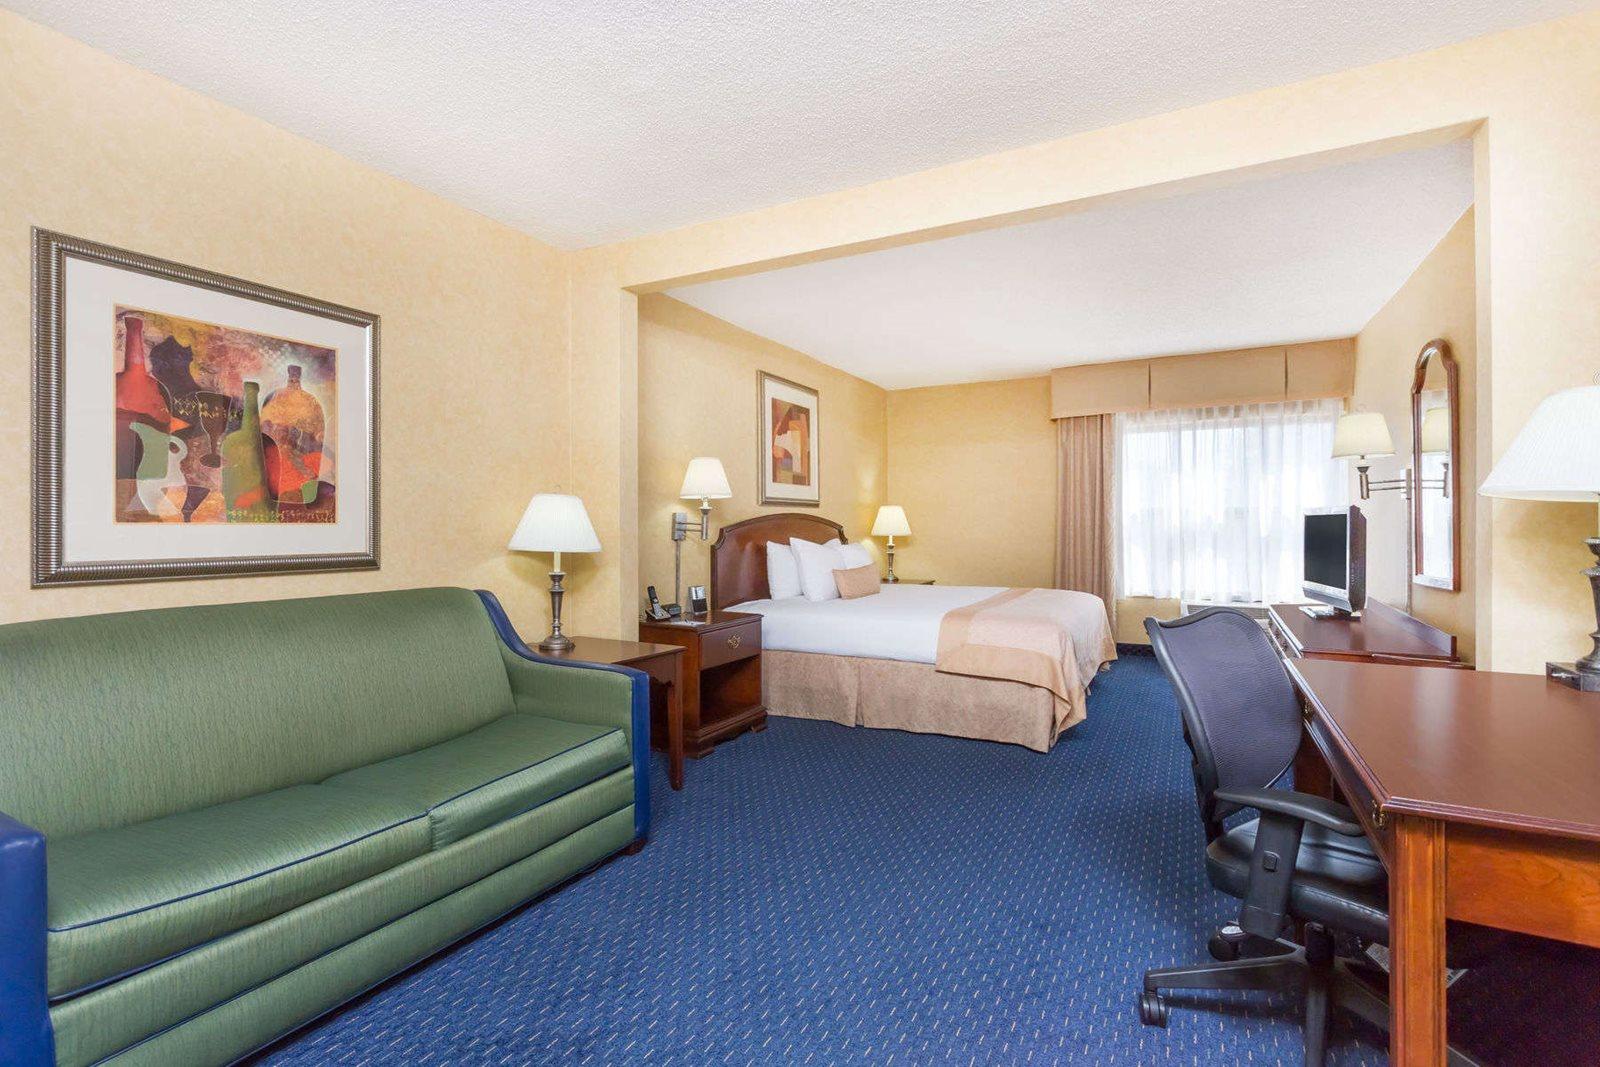 07656_guest_room_4.jpg